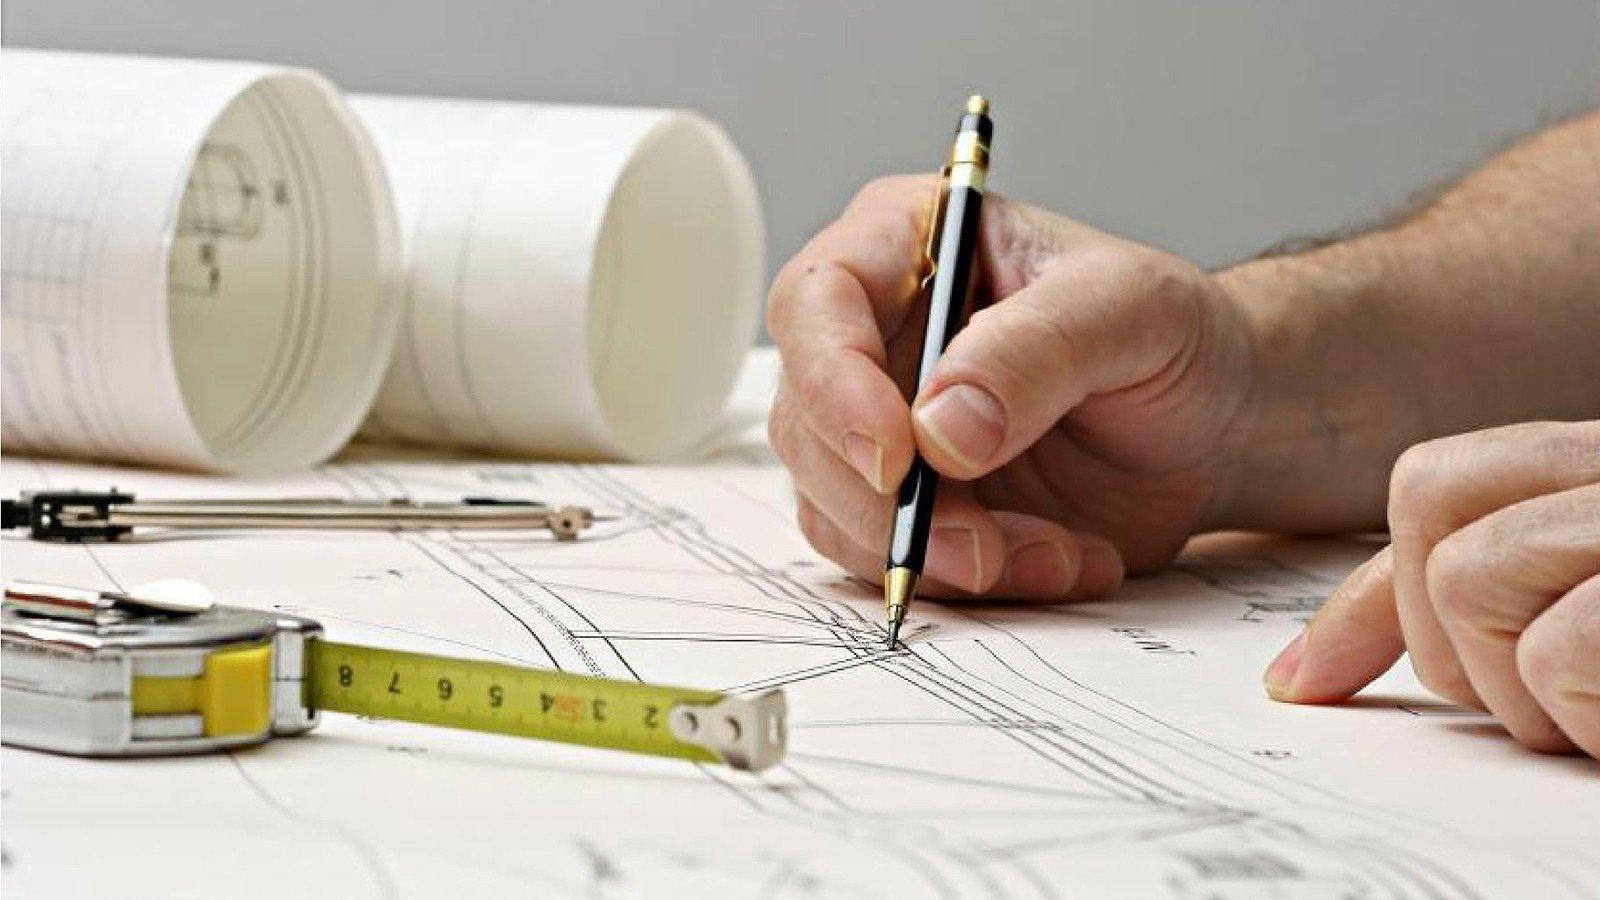 роектировщик - это специалист, занимающийся разработкой специальных планов и схем